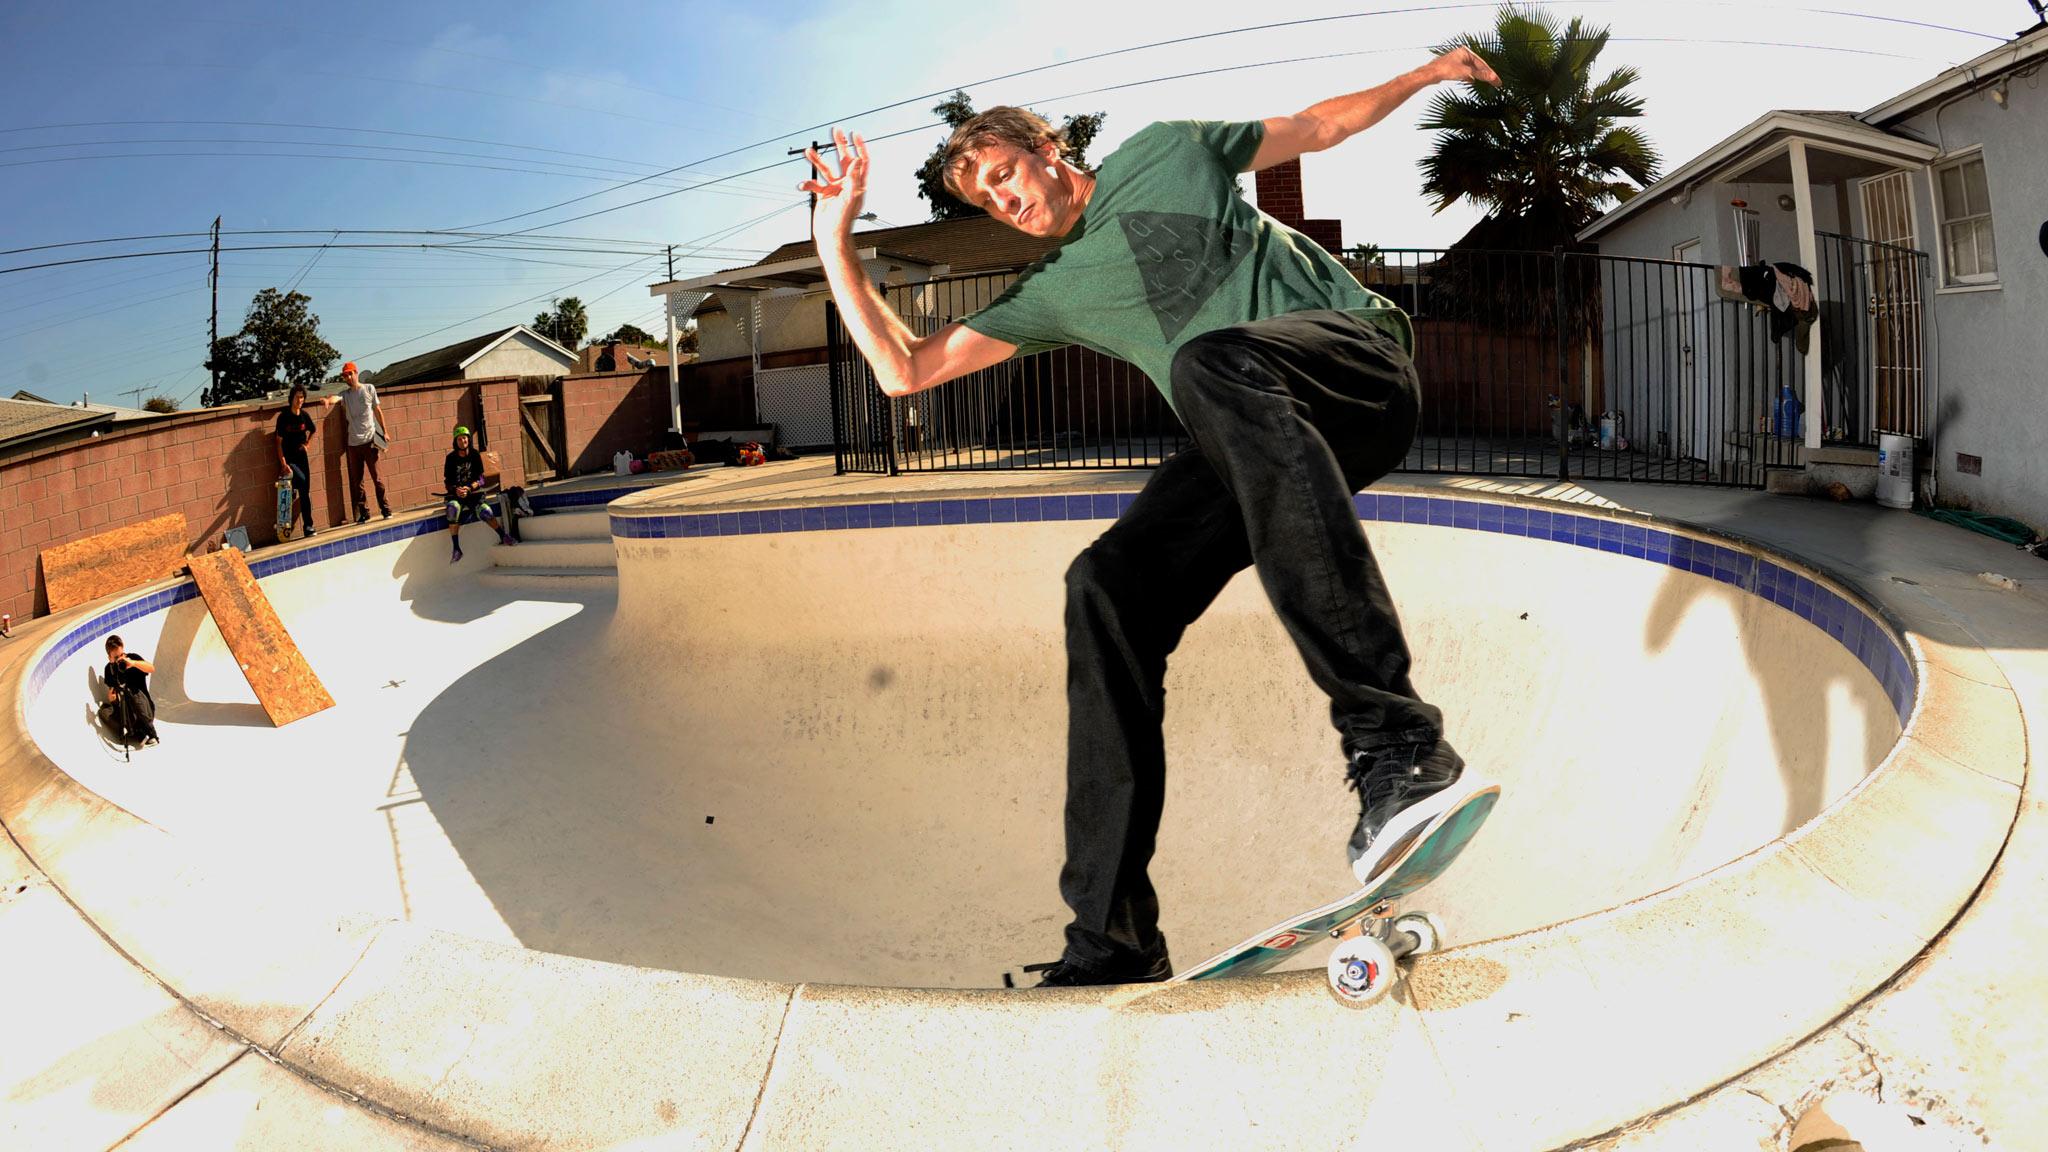 Backyard Skatepark Game : SKATEBOARD skateboarding skate d wallpaper  2048×1152  195110